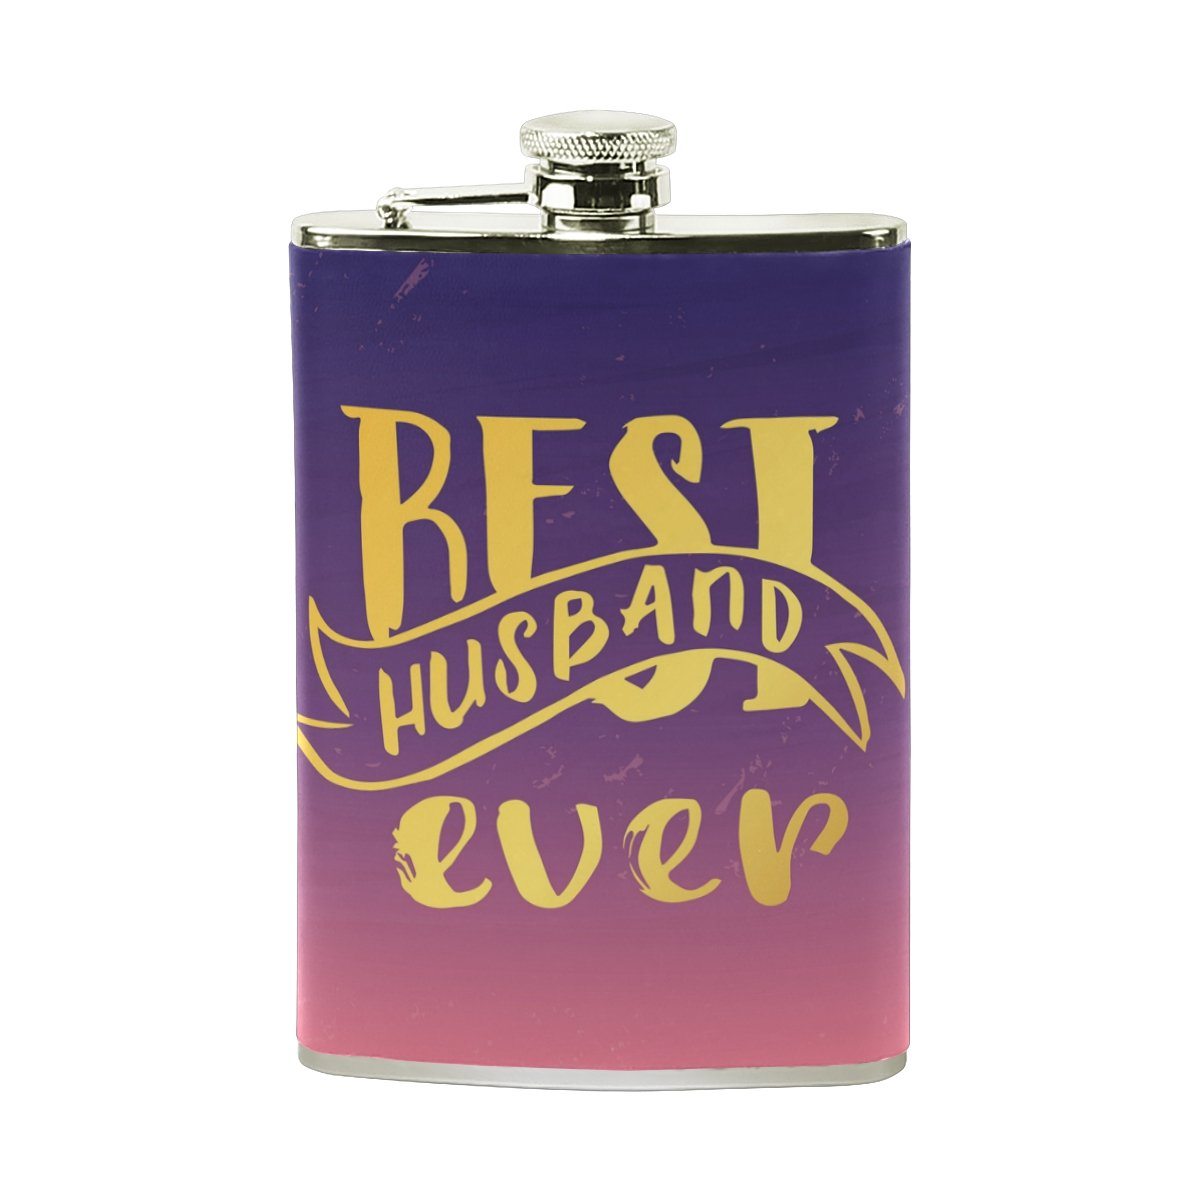 【本物保証】 Alaza Best Husband 100 Everヒップフラスコステンレススチール8オンスポケットショットのフラスコLiquor Alaza Whiskey Best VodkaラムPUレザーWrapped 100 % Leak Proof B075ZTRLPS, 志津川町:1d330c68 --- a0267596.xsph.ru